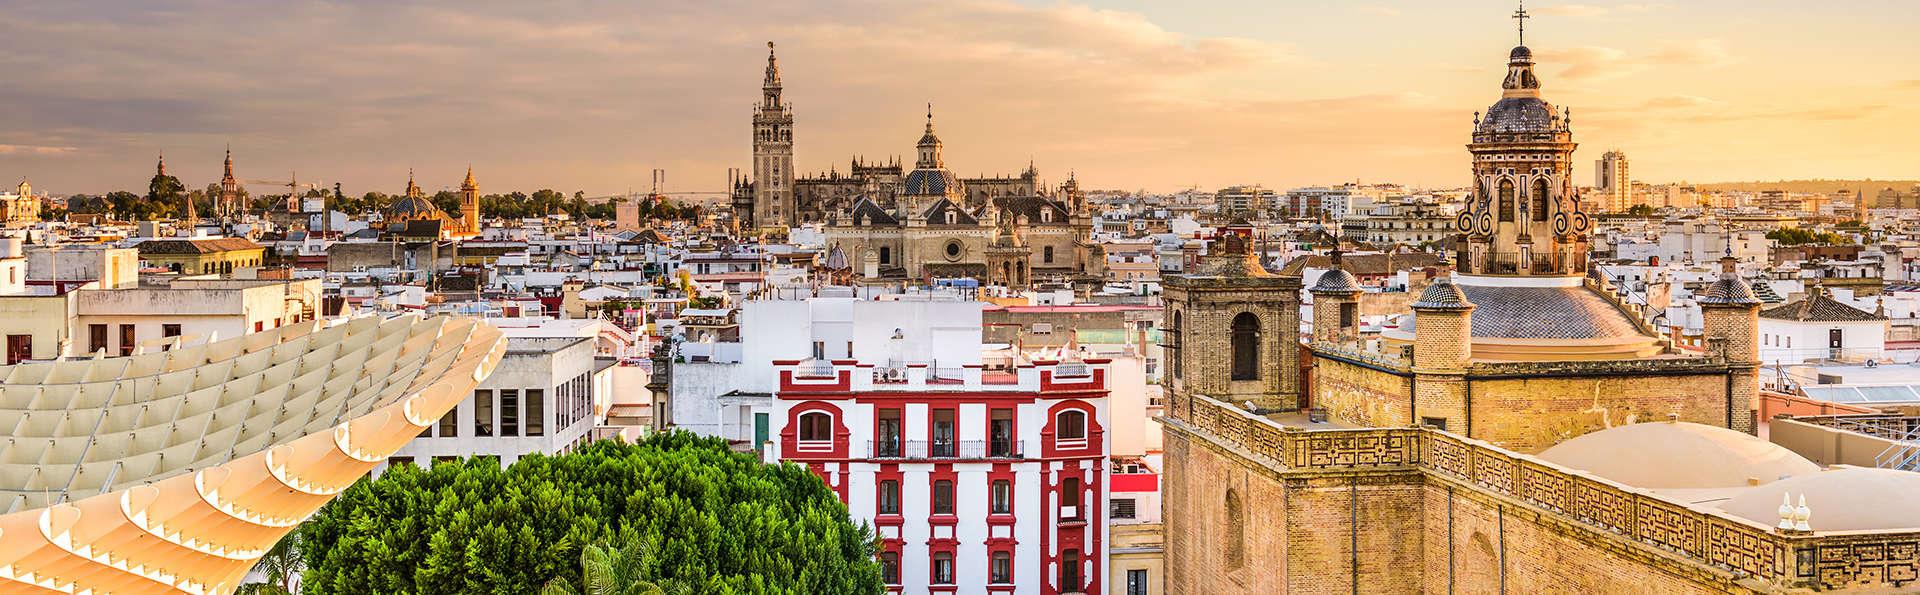 Alla scoperta delle meraviglie di Siviglia con soggiorno in aparthotel